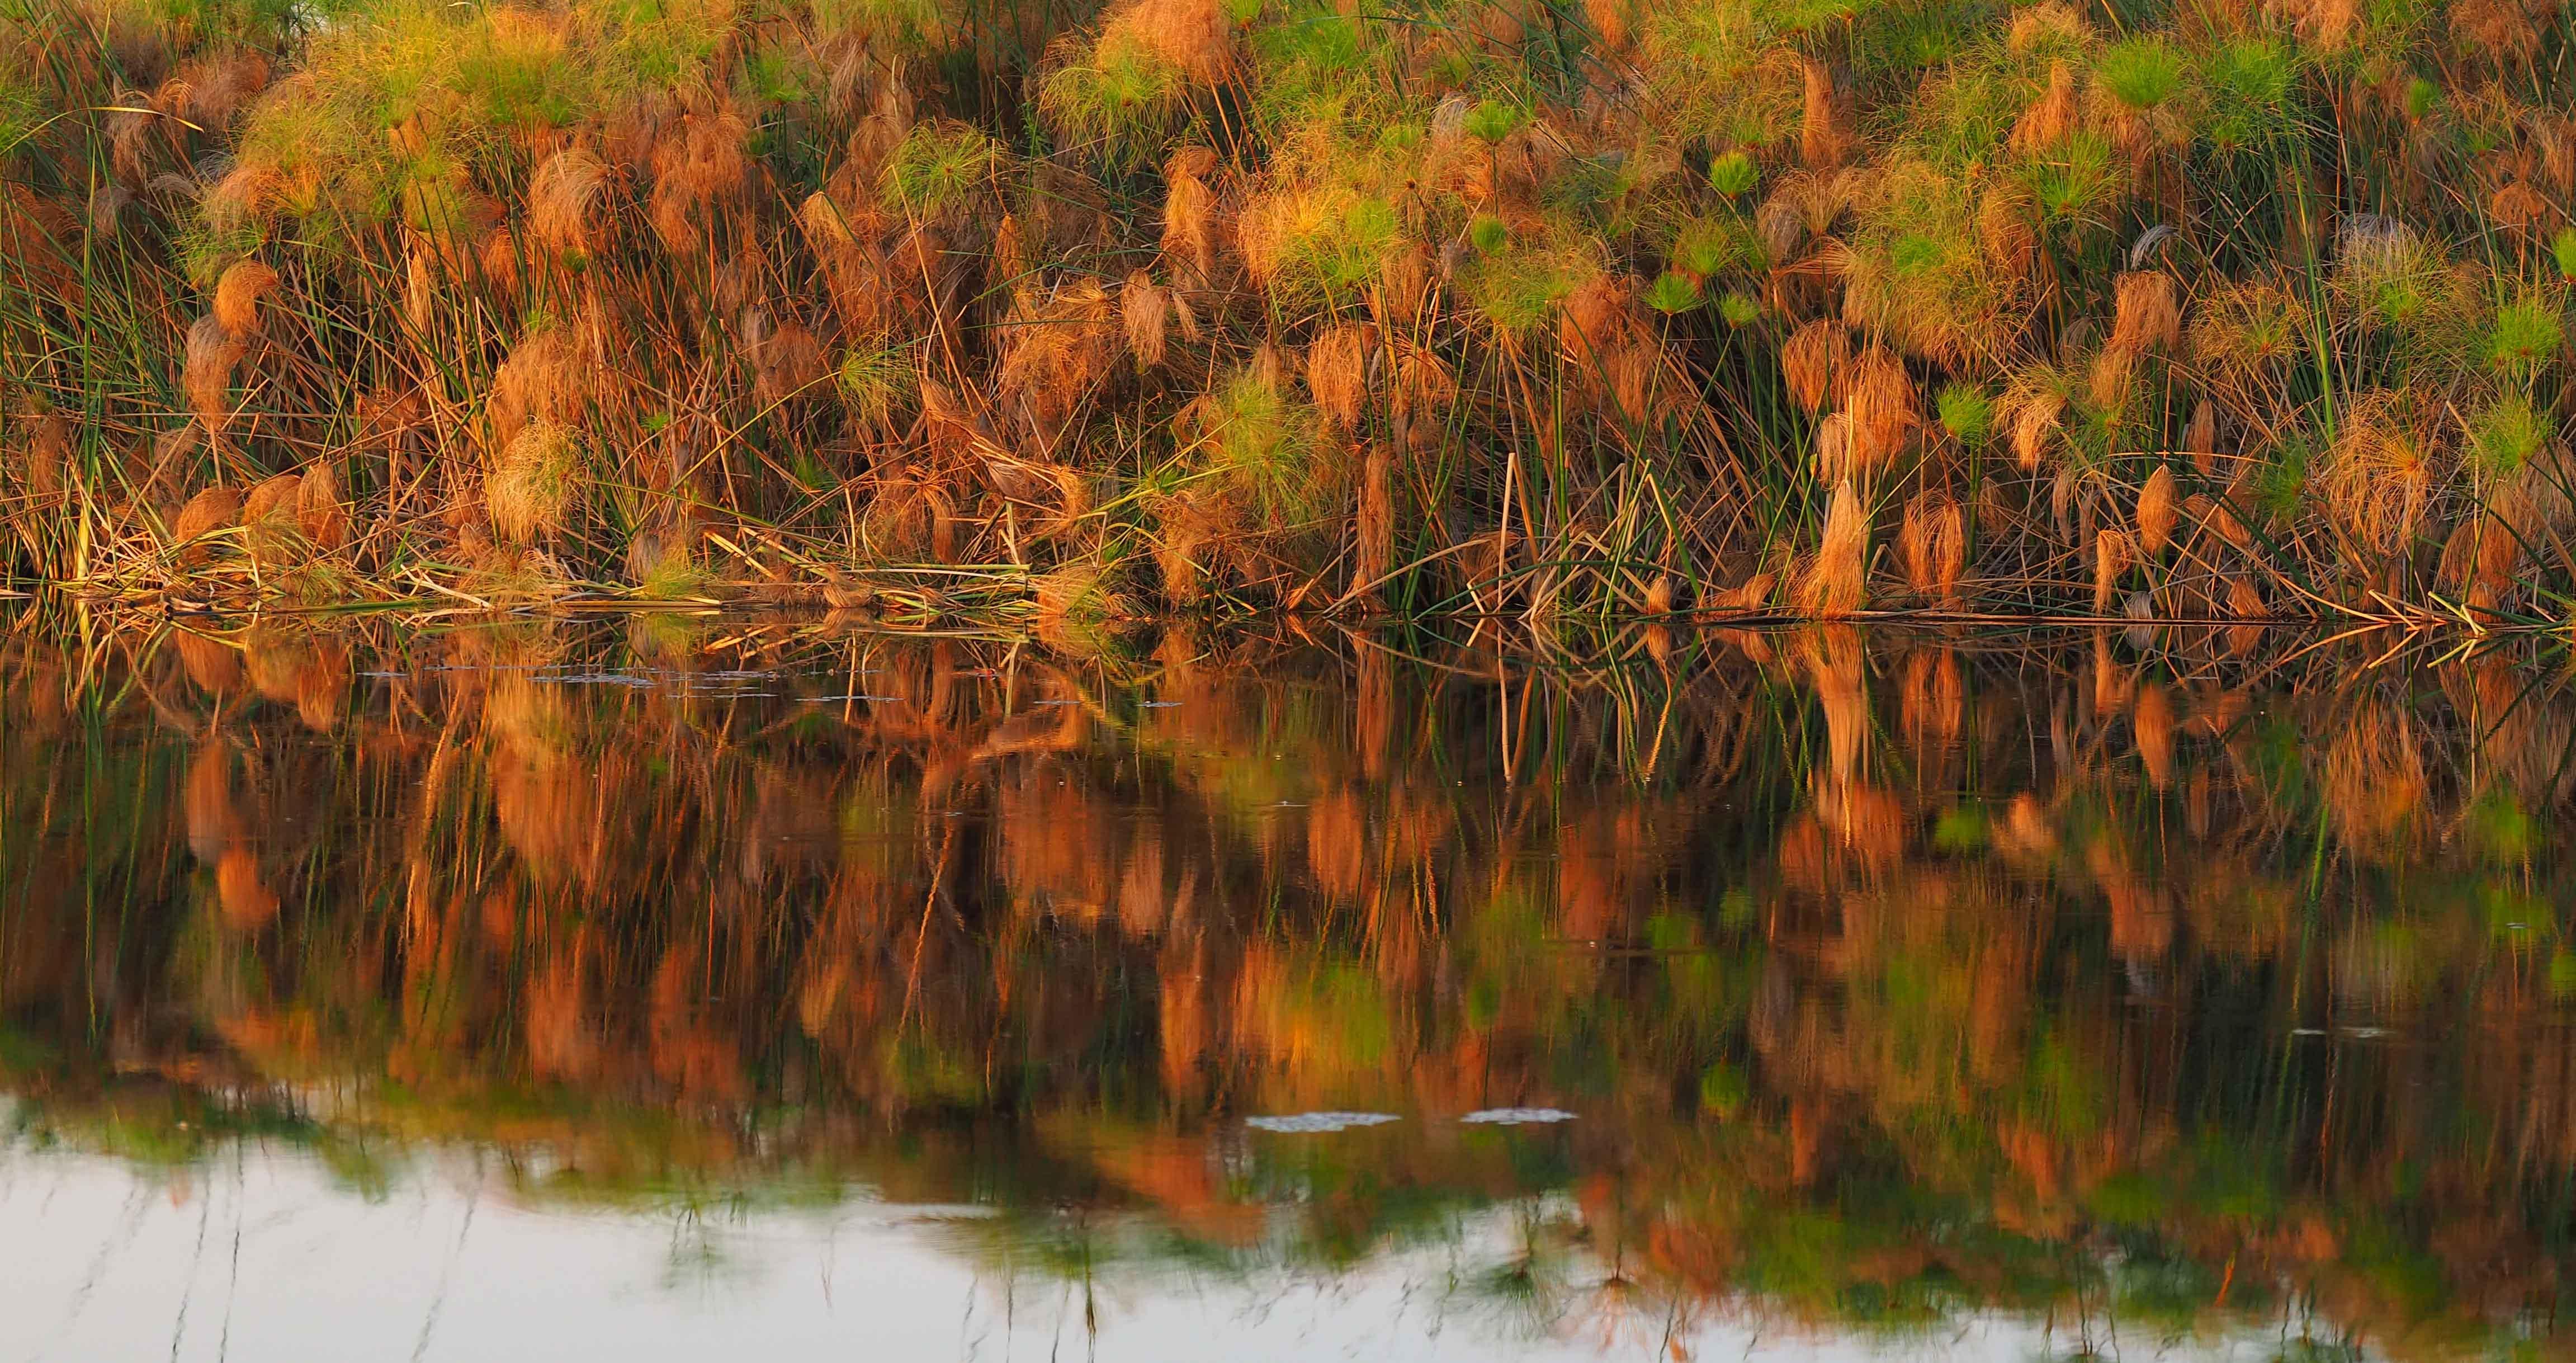 The stillness of the Delta